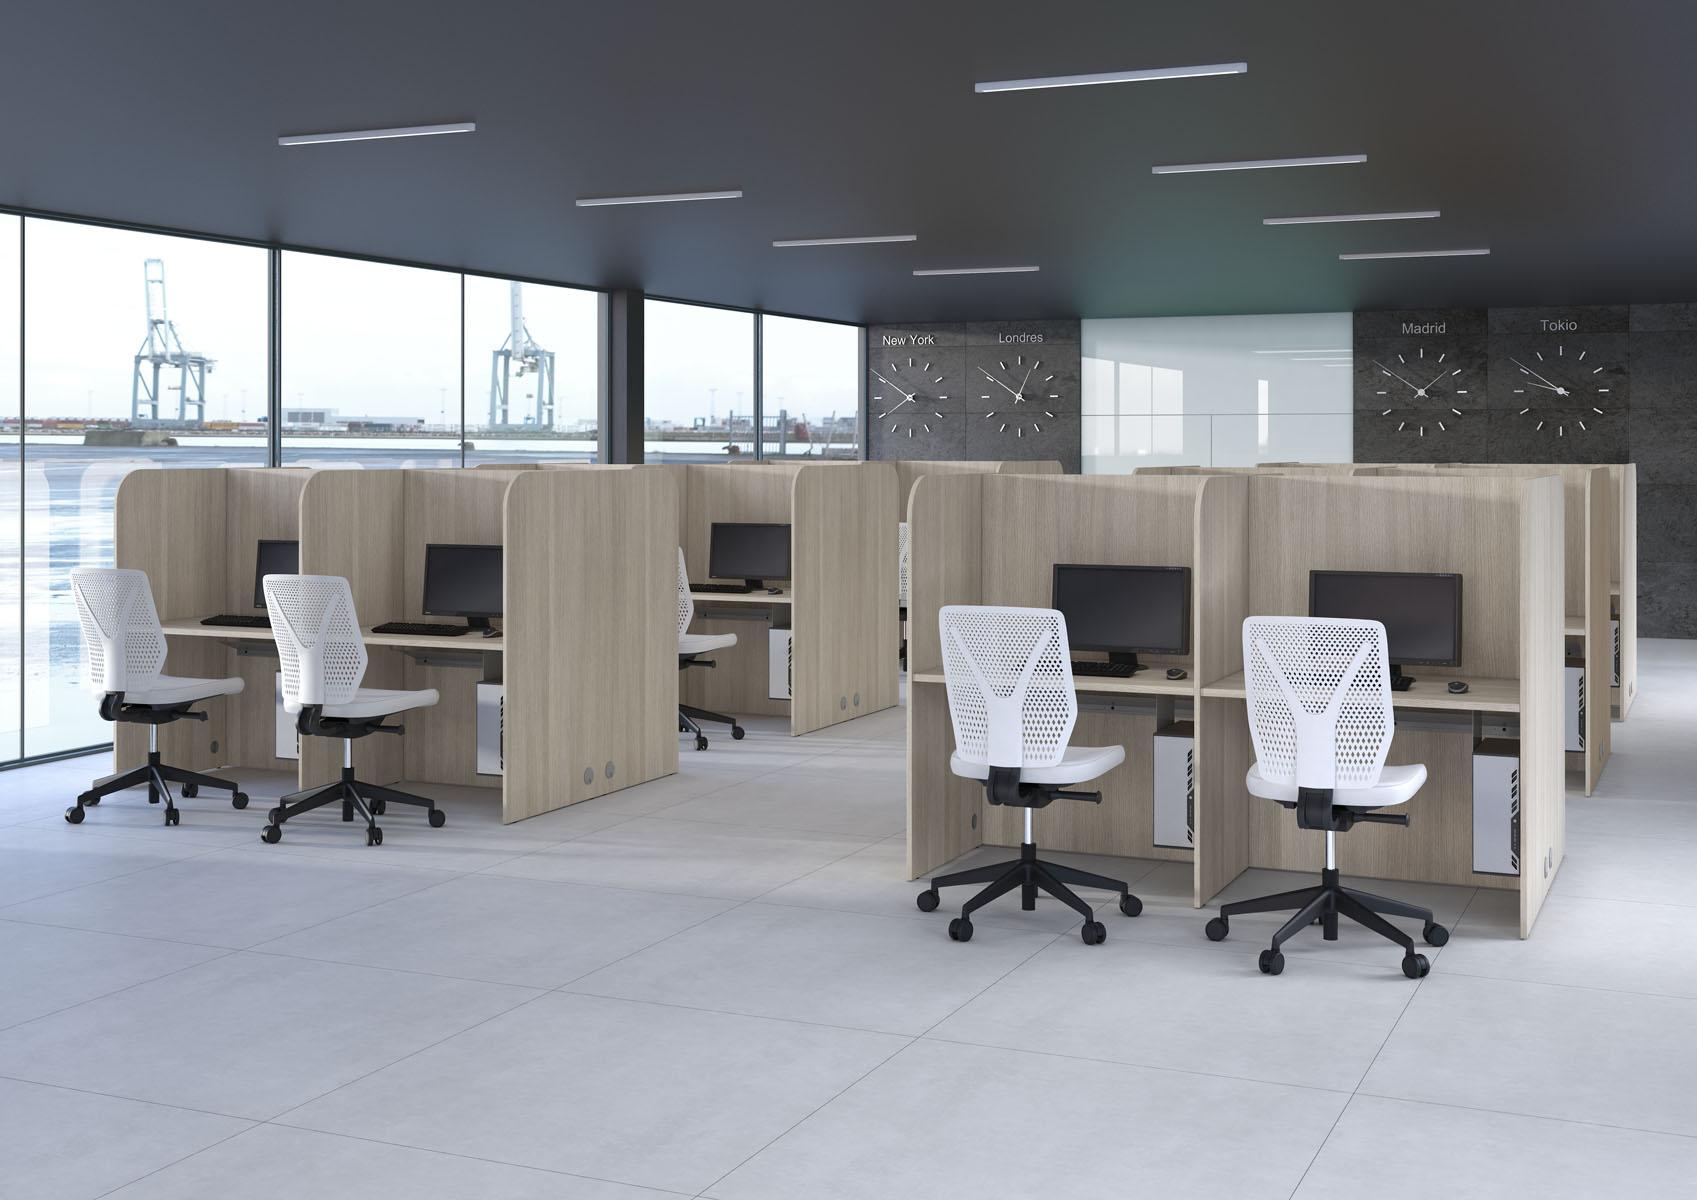 mobilier call center bon rapport qualit prix. Black Bedroom Furniture Sets. Home Design Ideas